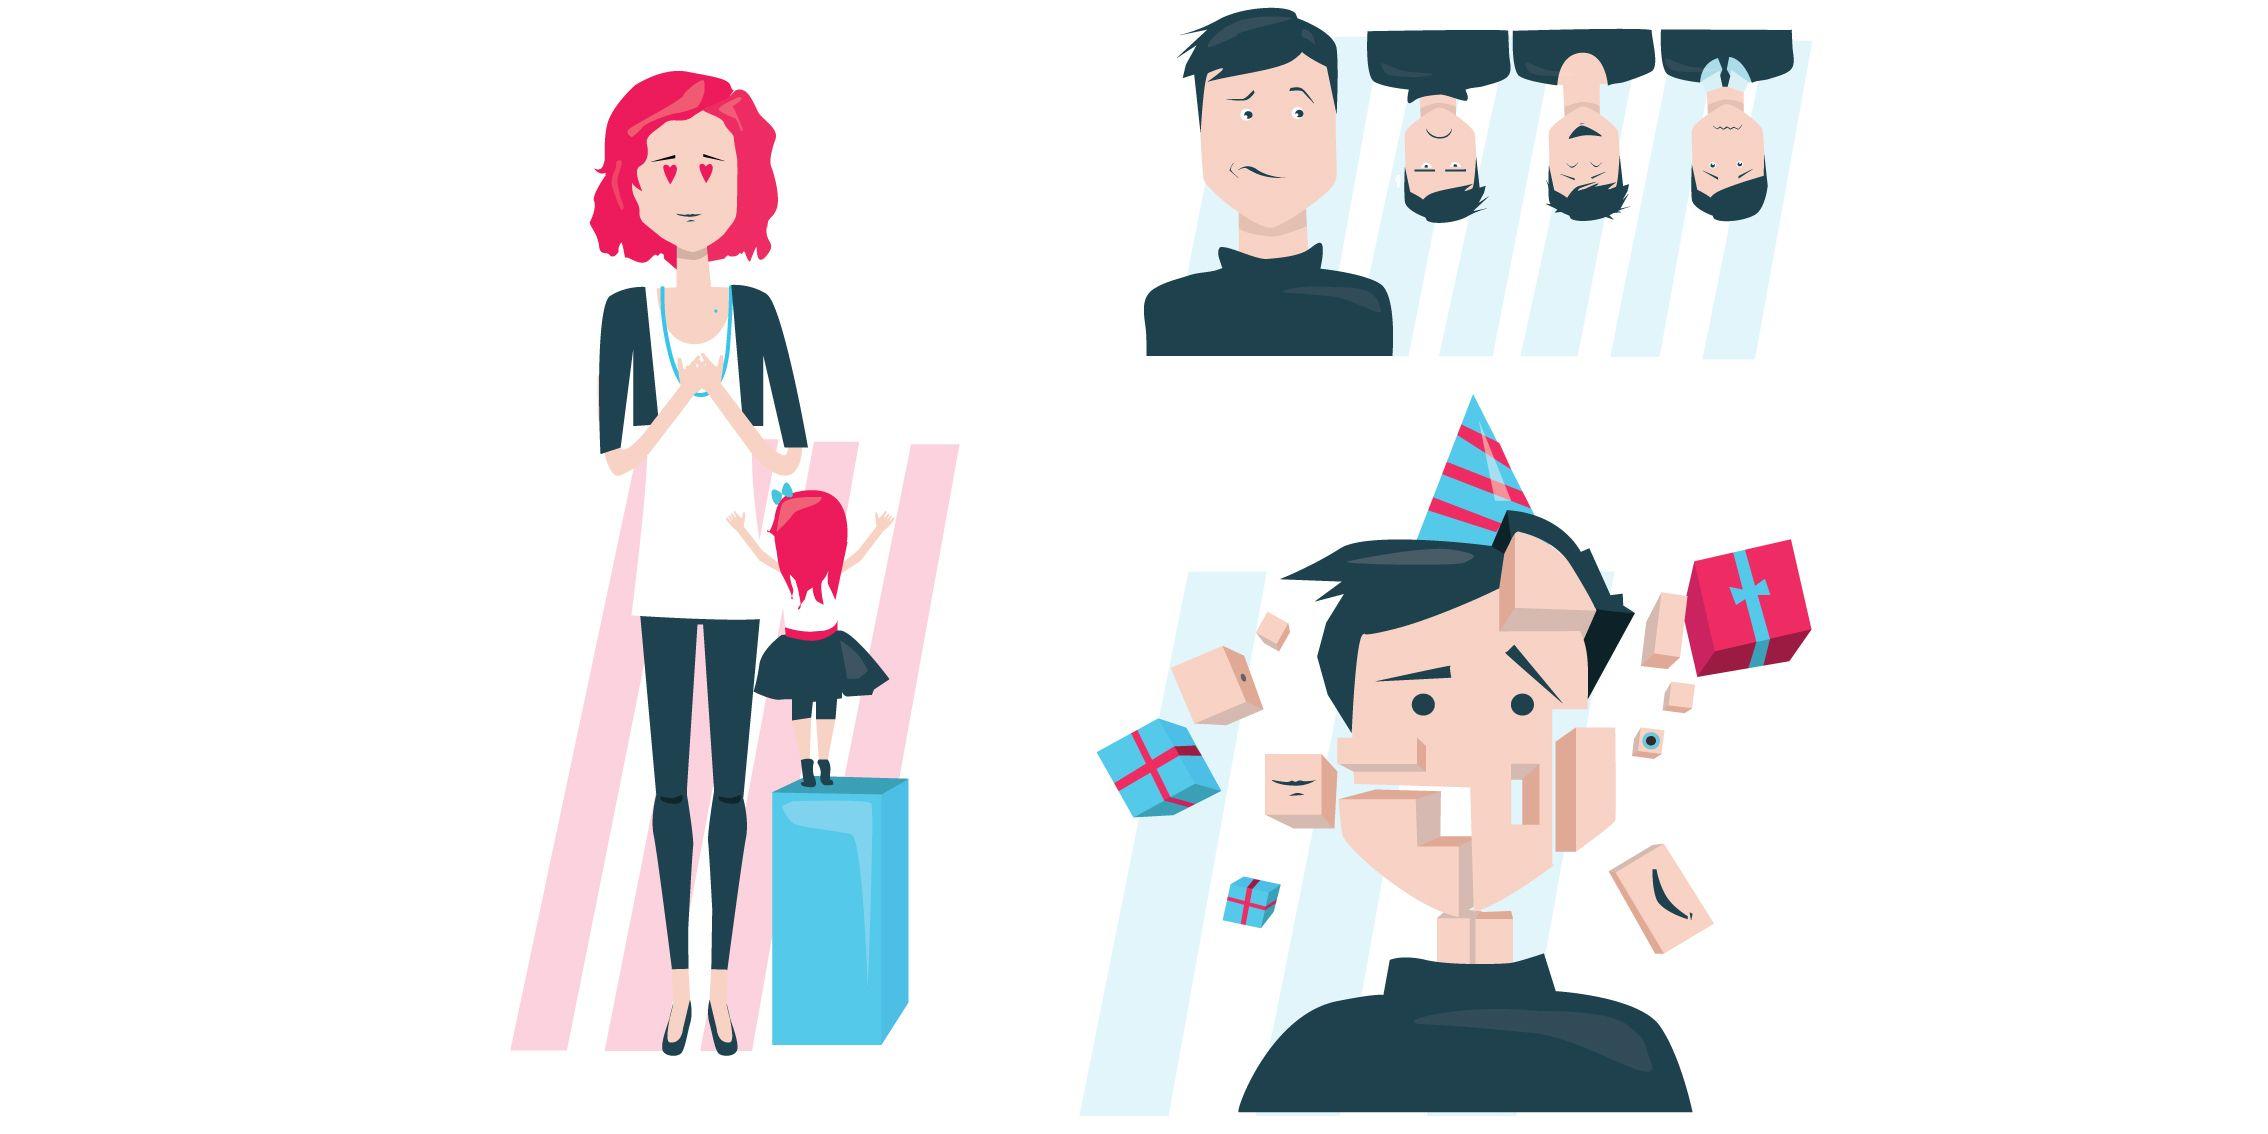 Иллюстрации для научно-хужественной статьи - дизайнер kolotova